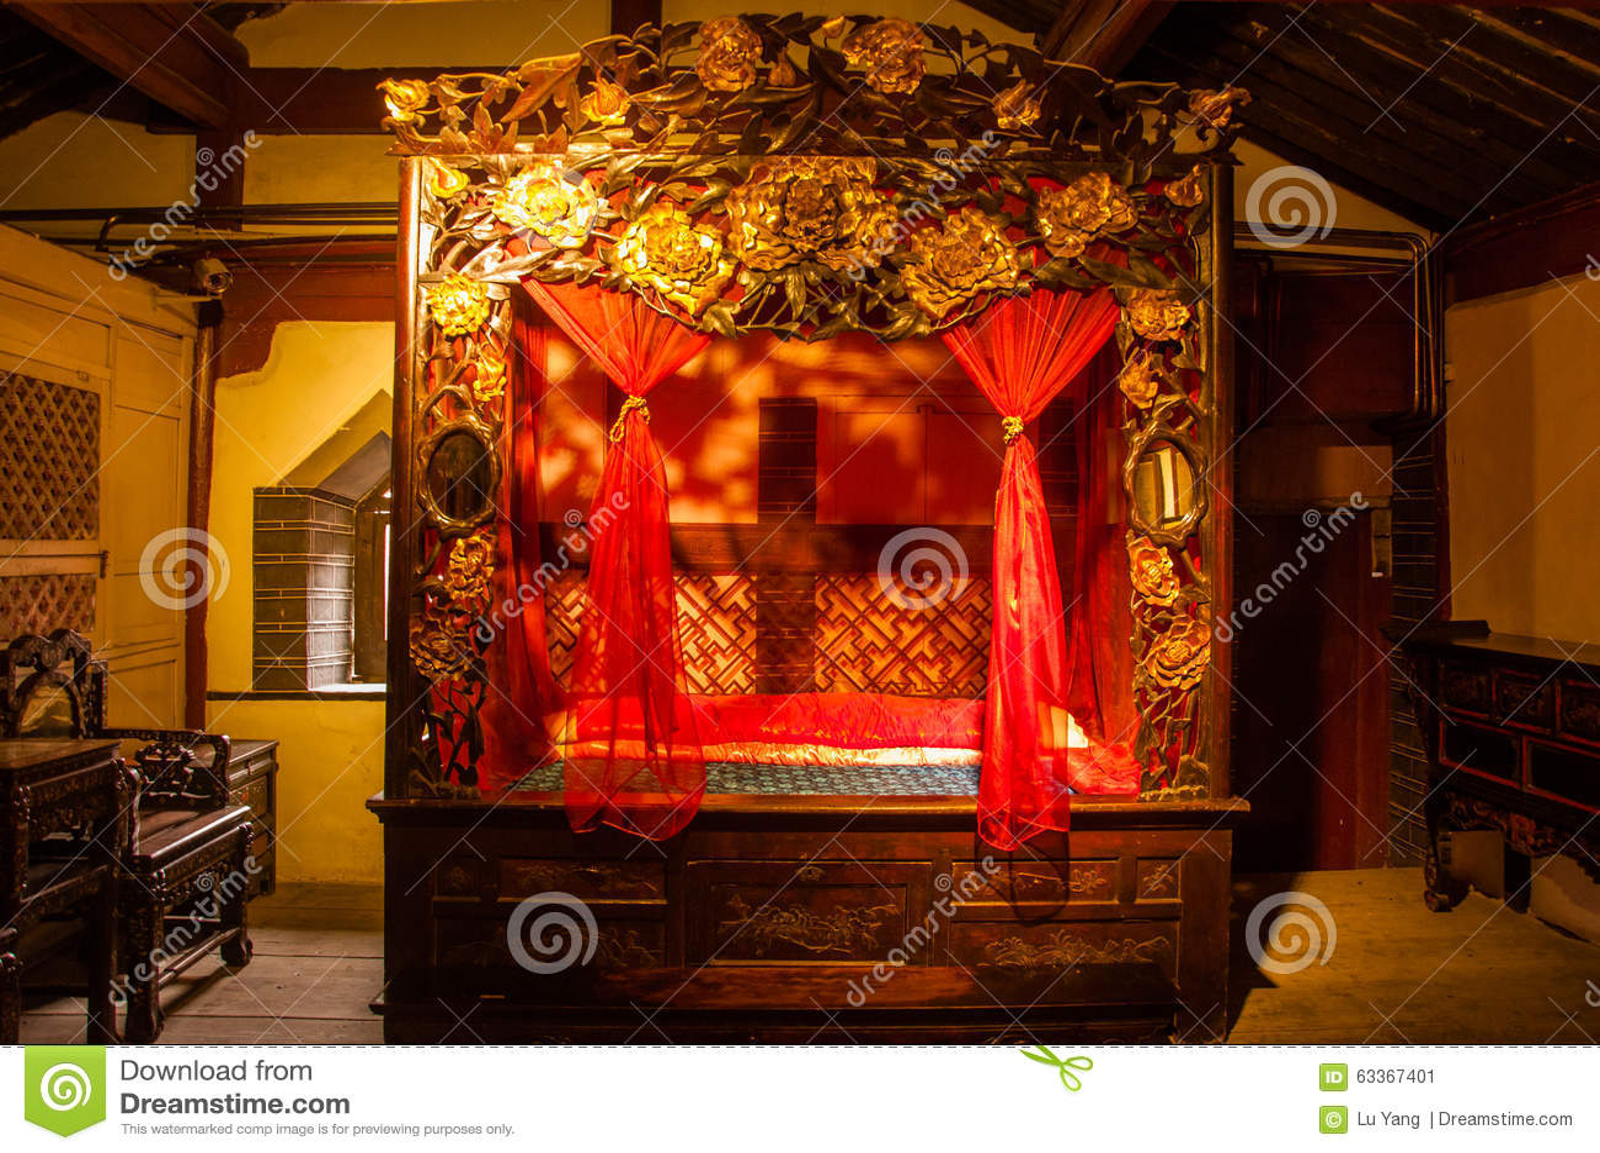 Traditioneel Chinees Bed : Traditioneel chinees bed stock afbeelding afbeelding bestaande